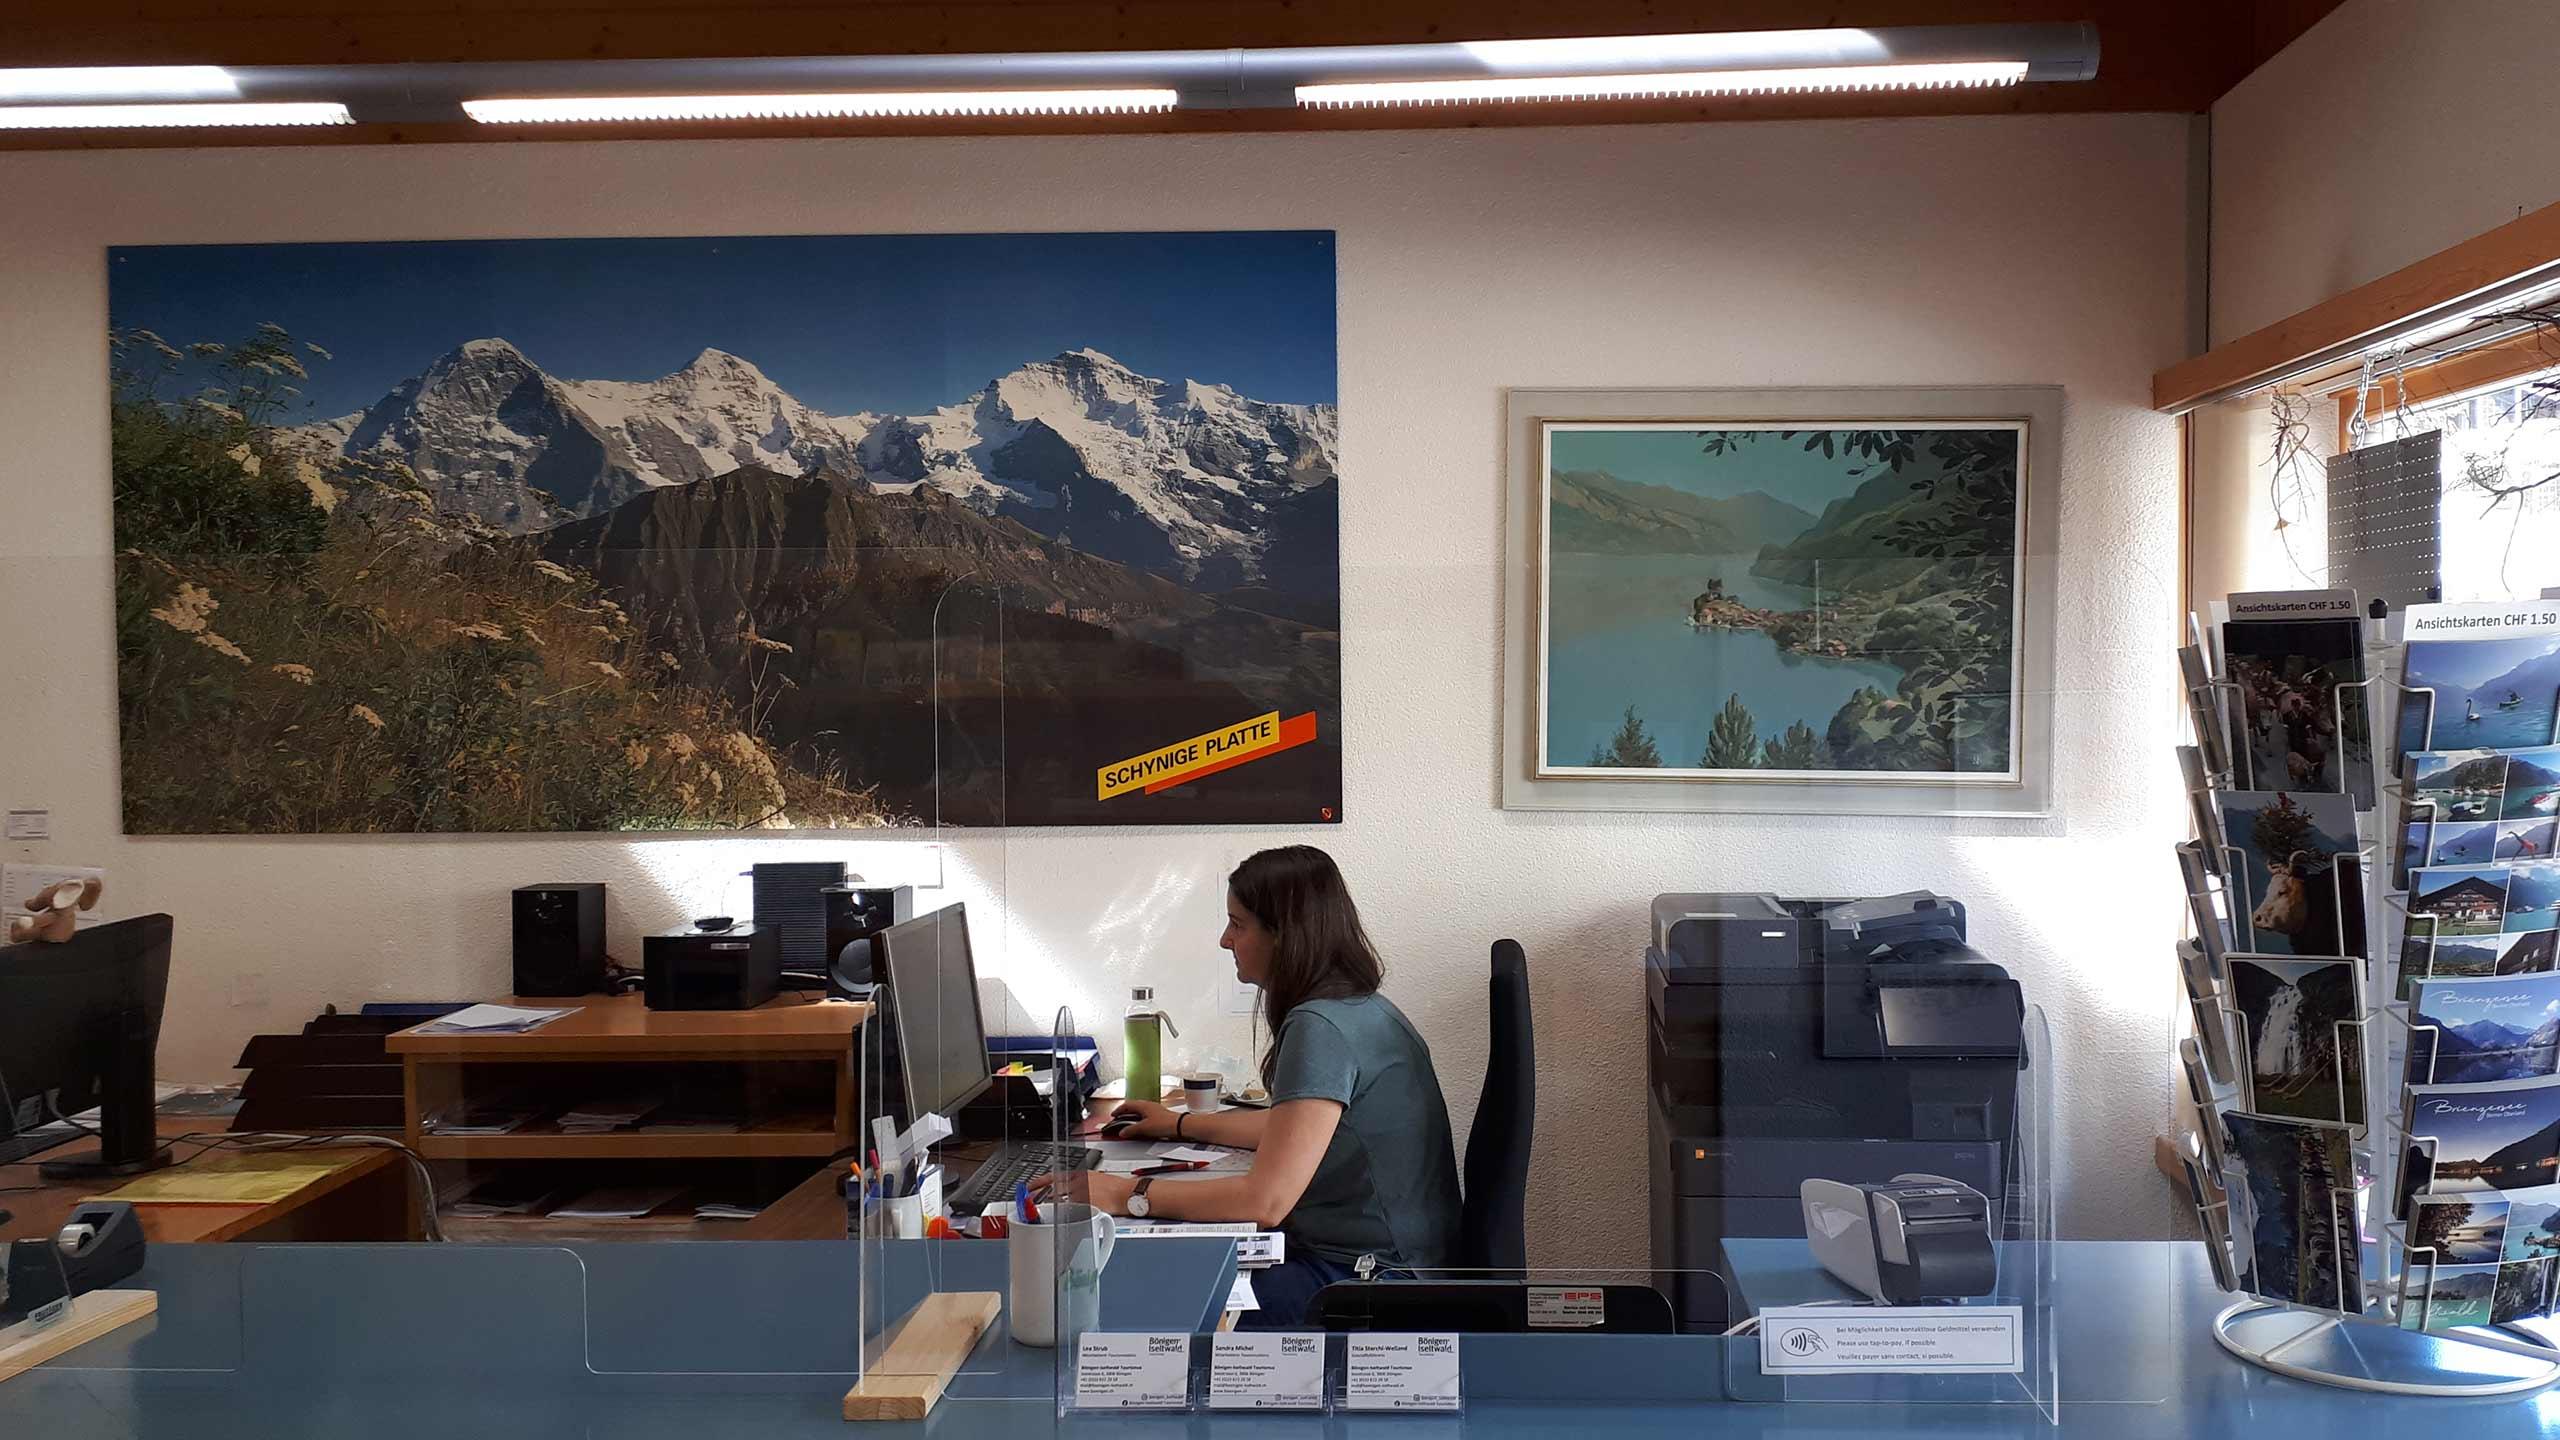 tourist-information-boenigen-schalter-buero.jpg